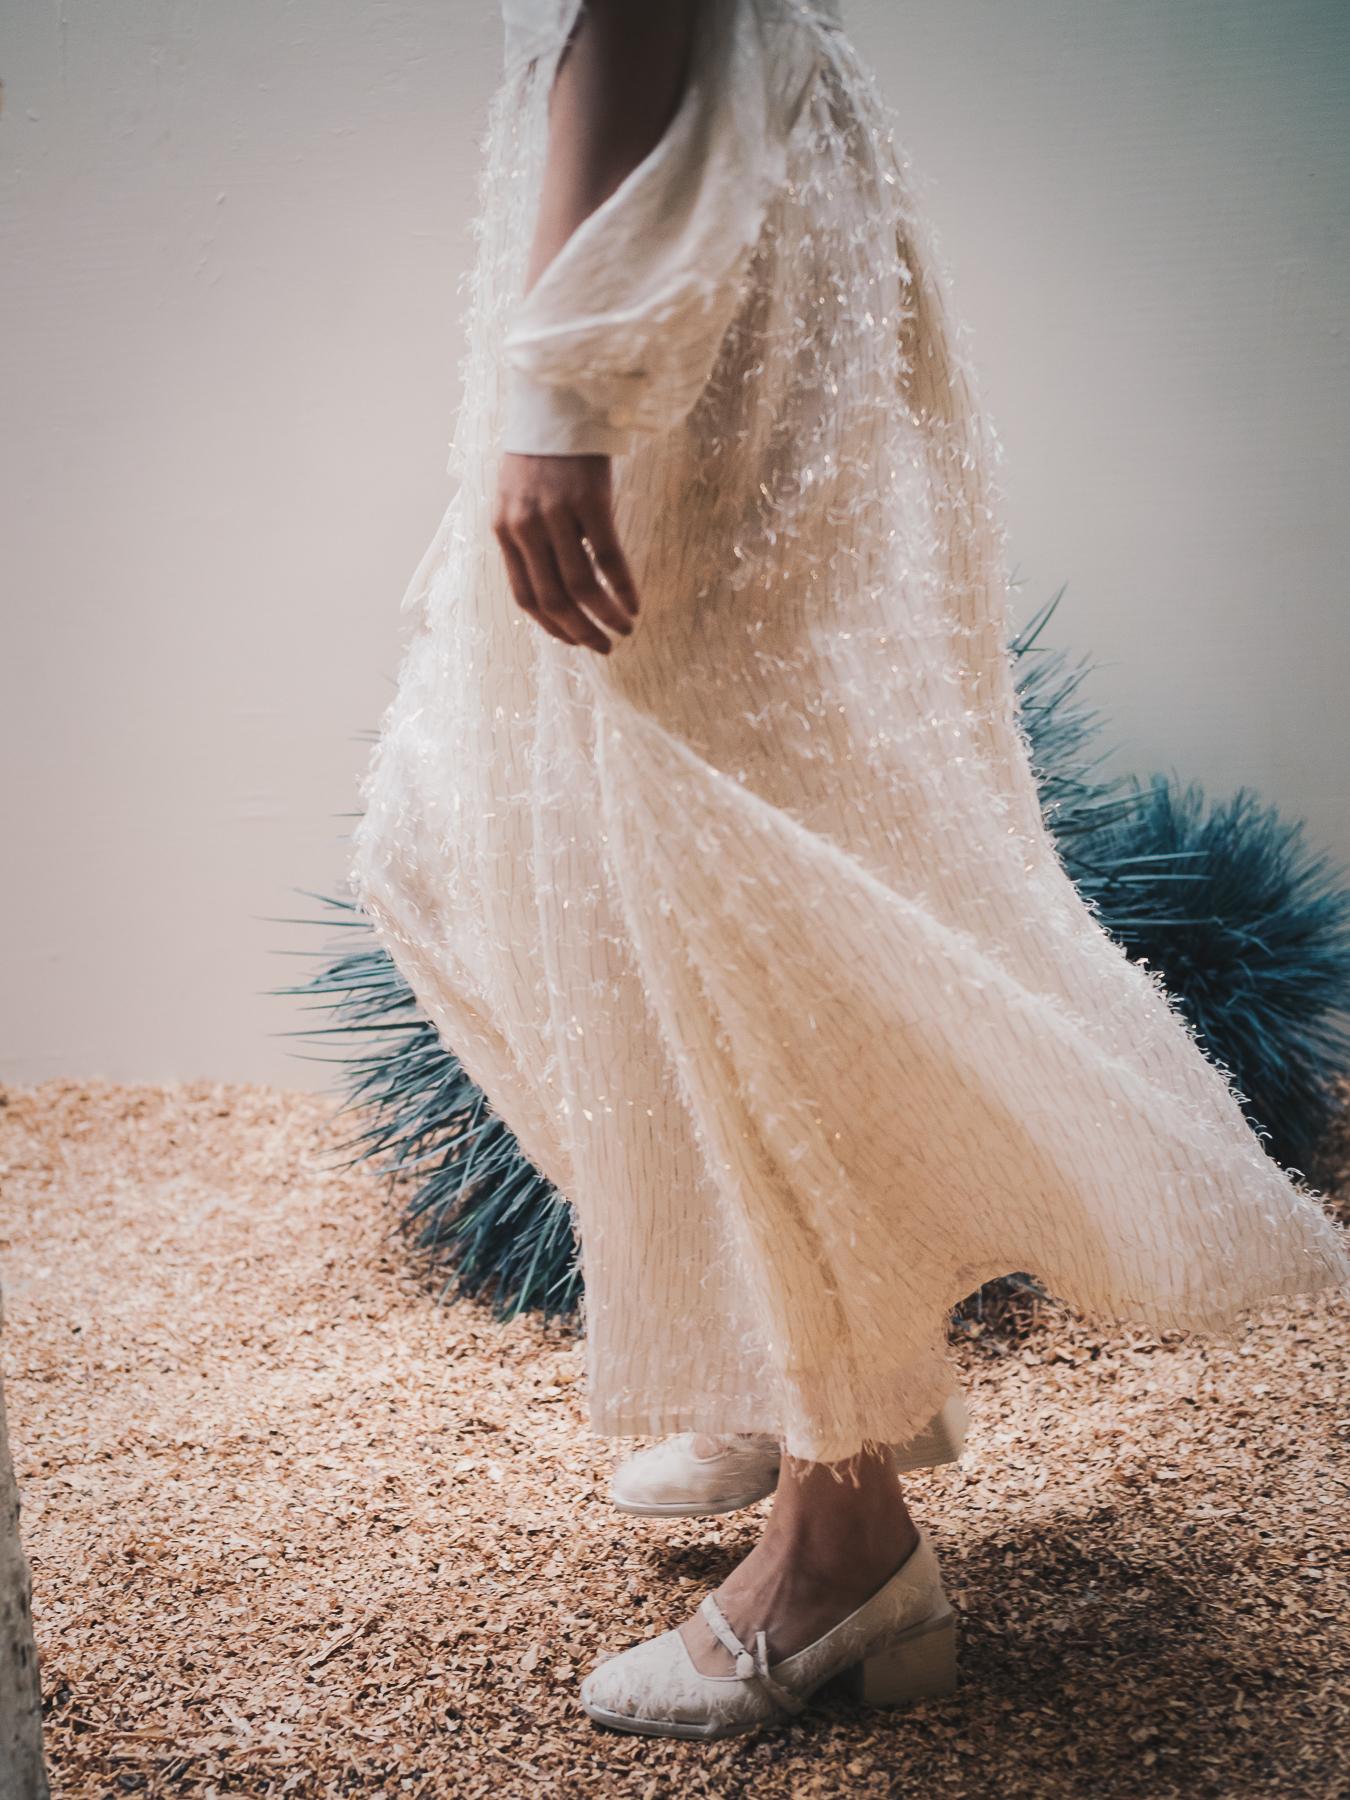 Ullnaka Dress Code 2018 - Olympus E-M1MarkII 2512 - Yes! Please Enjoy-19.jpg